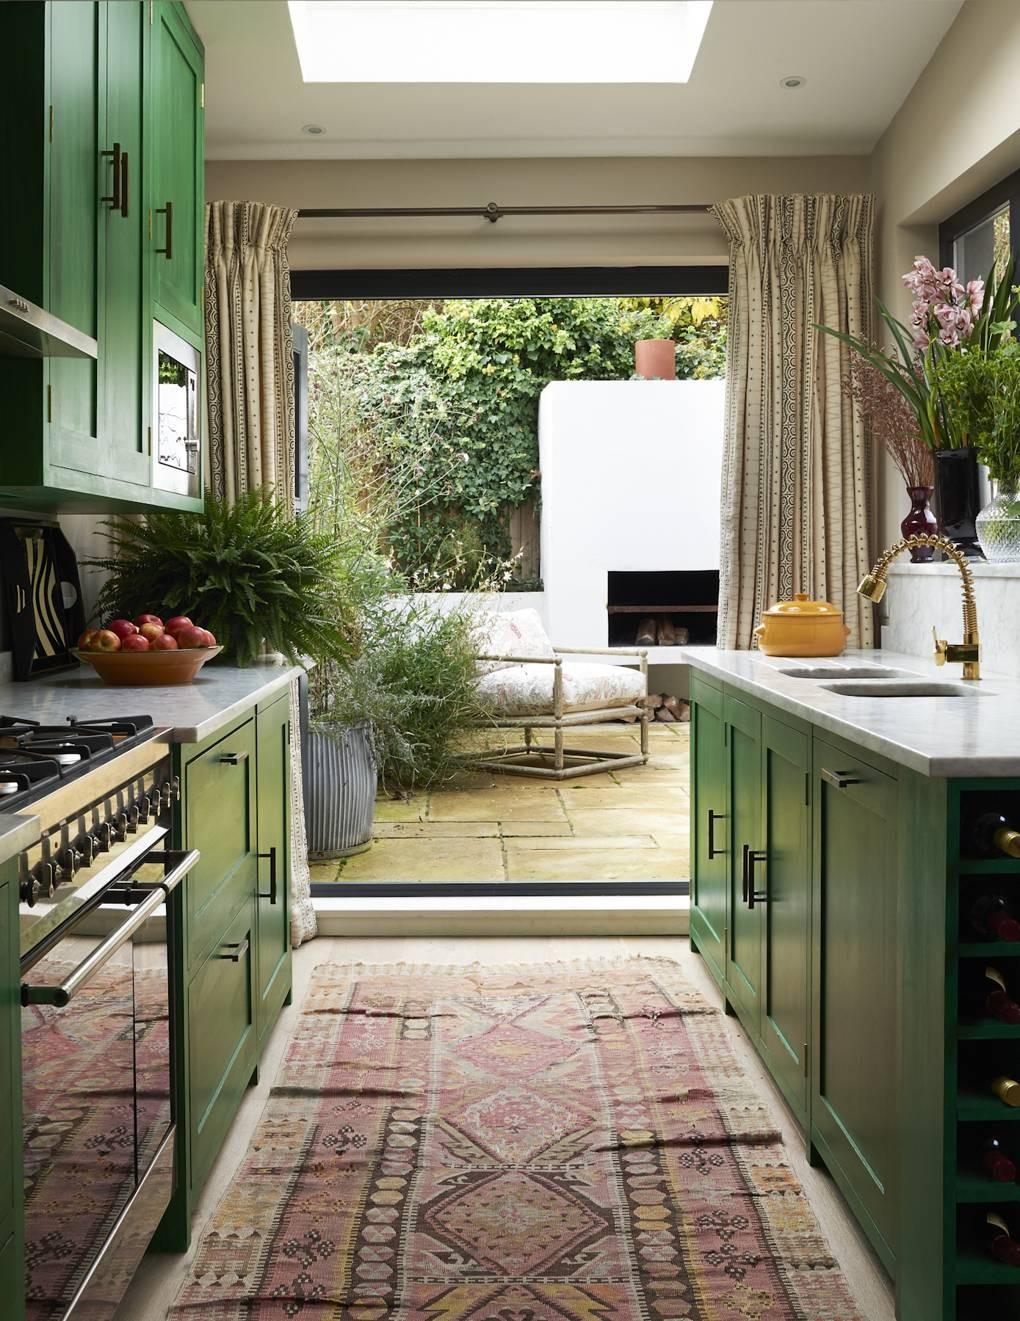 كيفية عمل حديقة منزلية صغيرة - حدائق مفتوحة على إحدى الغرف3